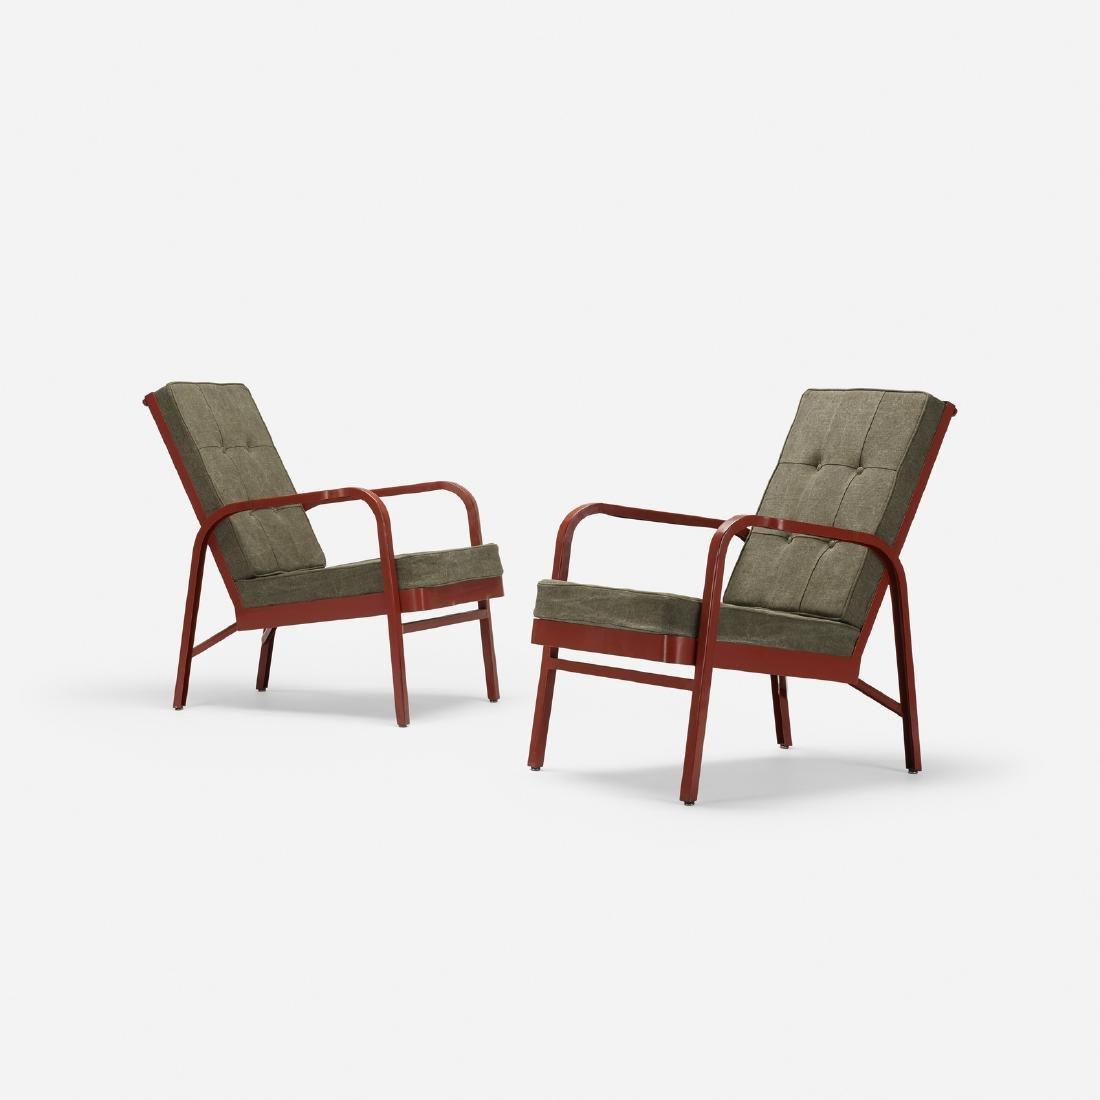 Prouve and Leleu, pair of armchairs, Martel de Janville